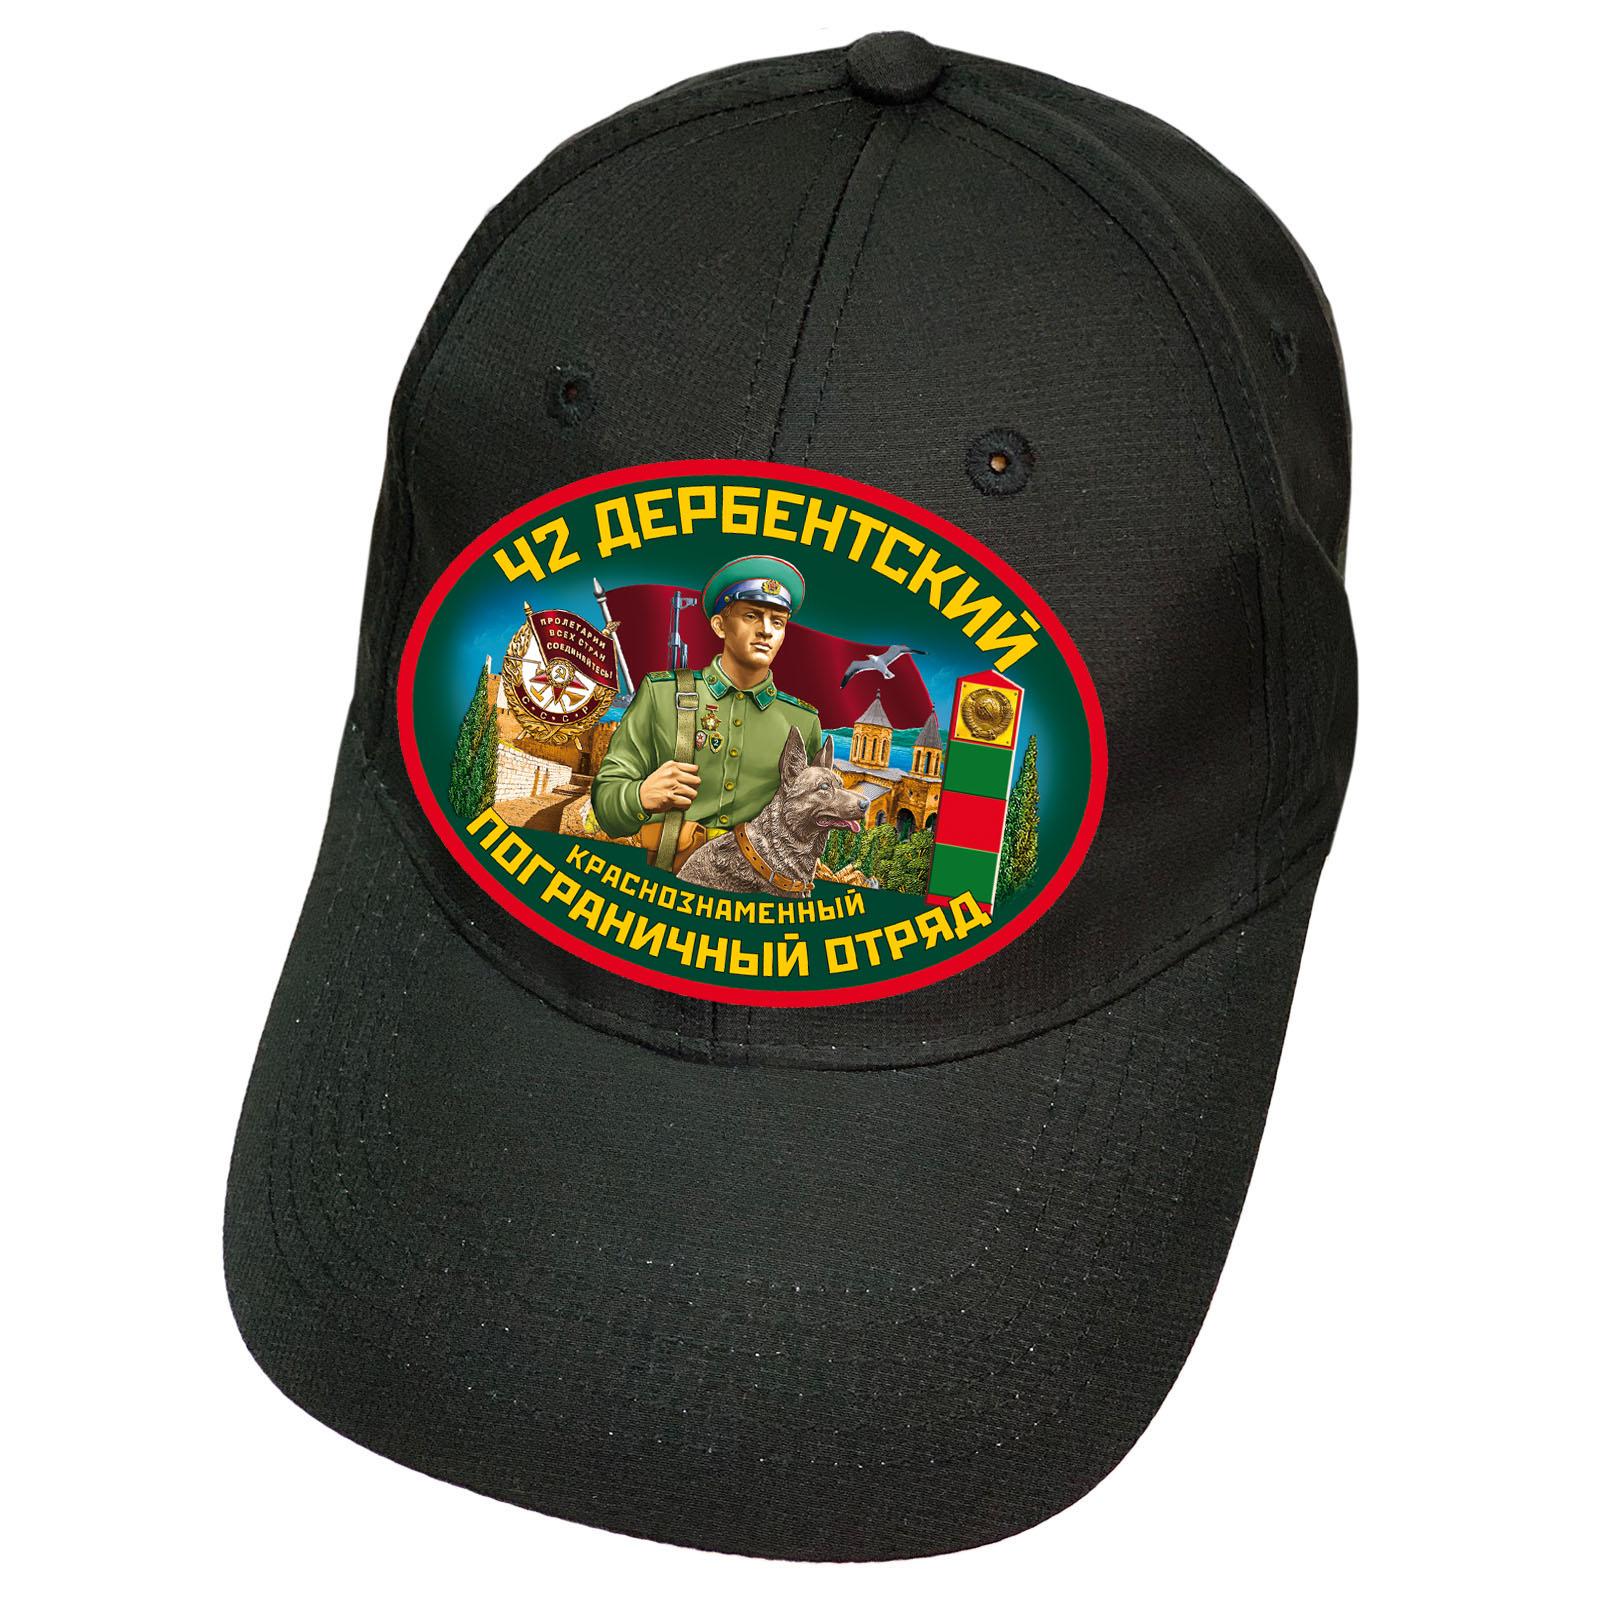 Чёрная бейсболка 42 Дербентский пограничный отряд